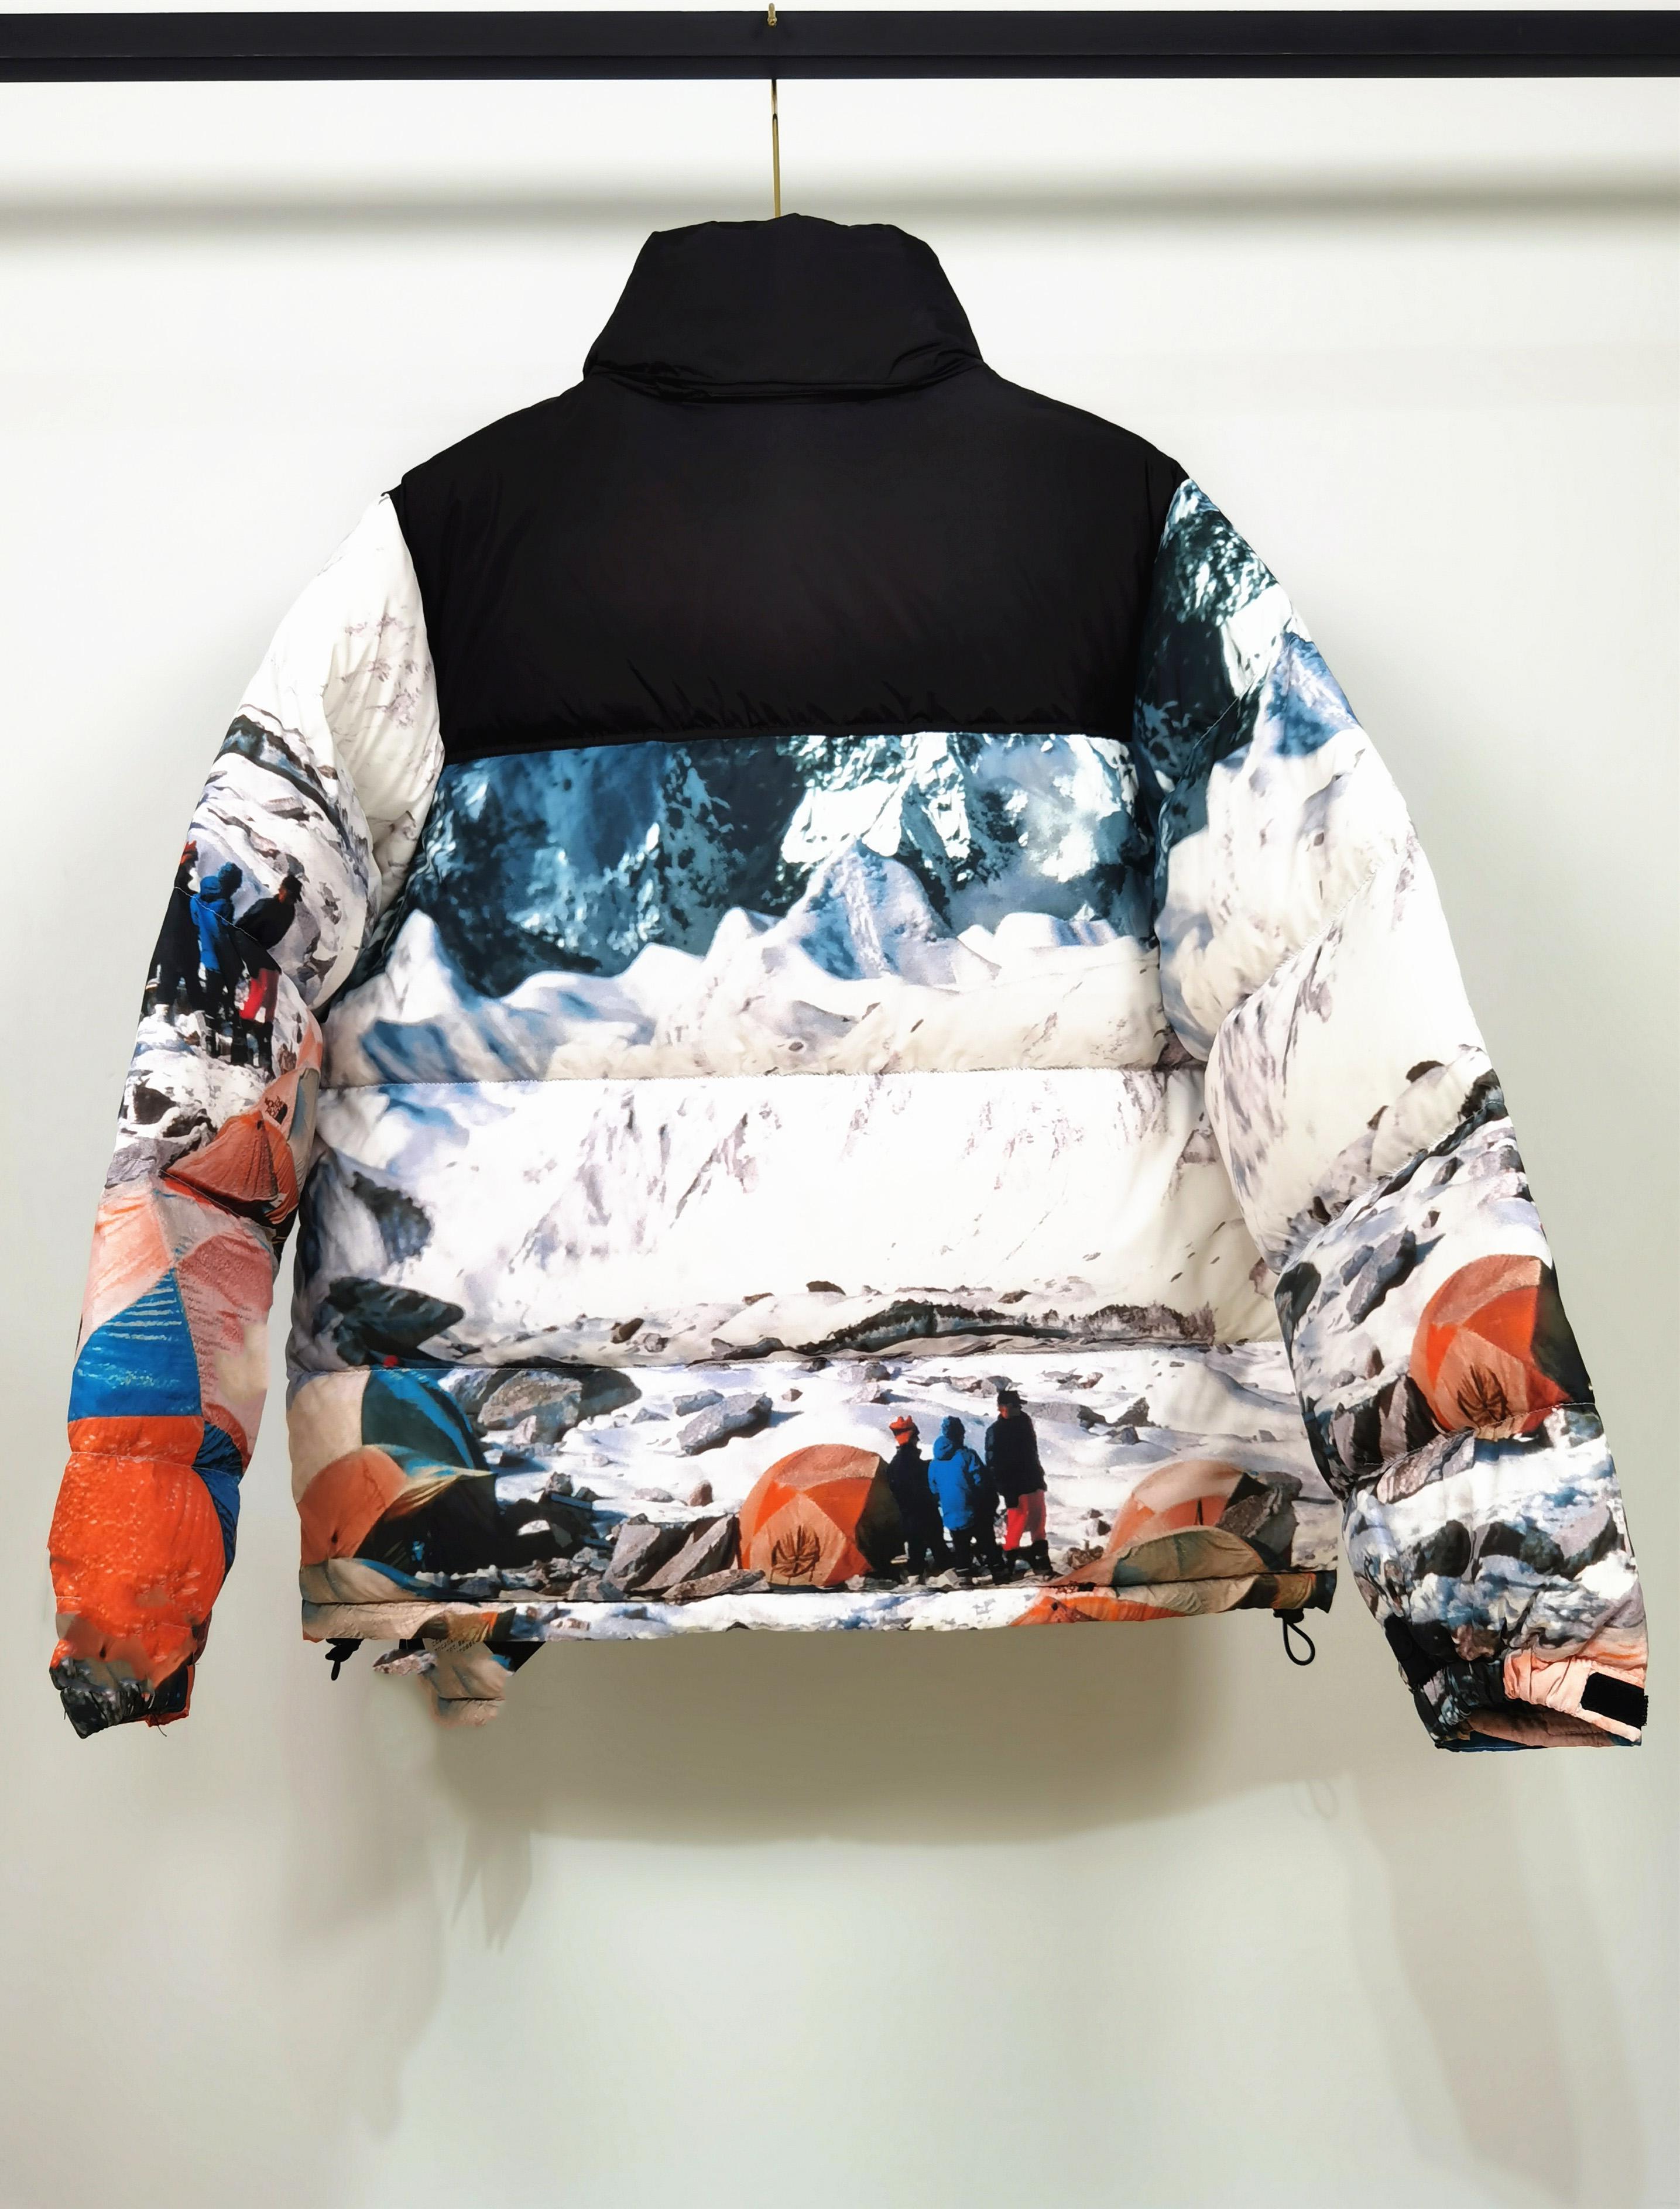 20 yeni kış erkek erkek kış moda parka ceket ceket büyük kürk kapüşonlu kar dağ kampı everest aşağı ceket aşağı ceket